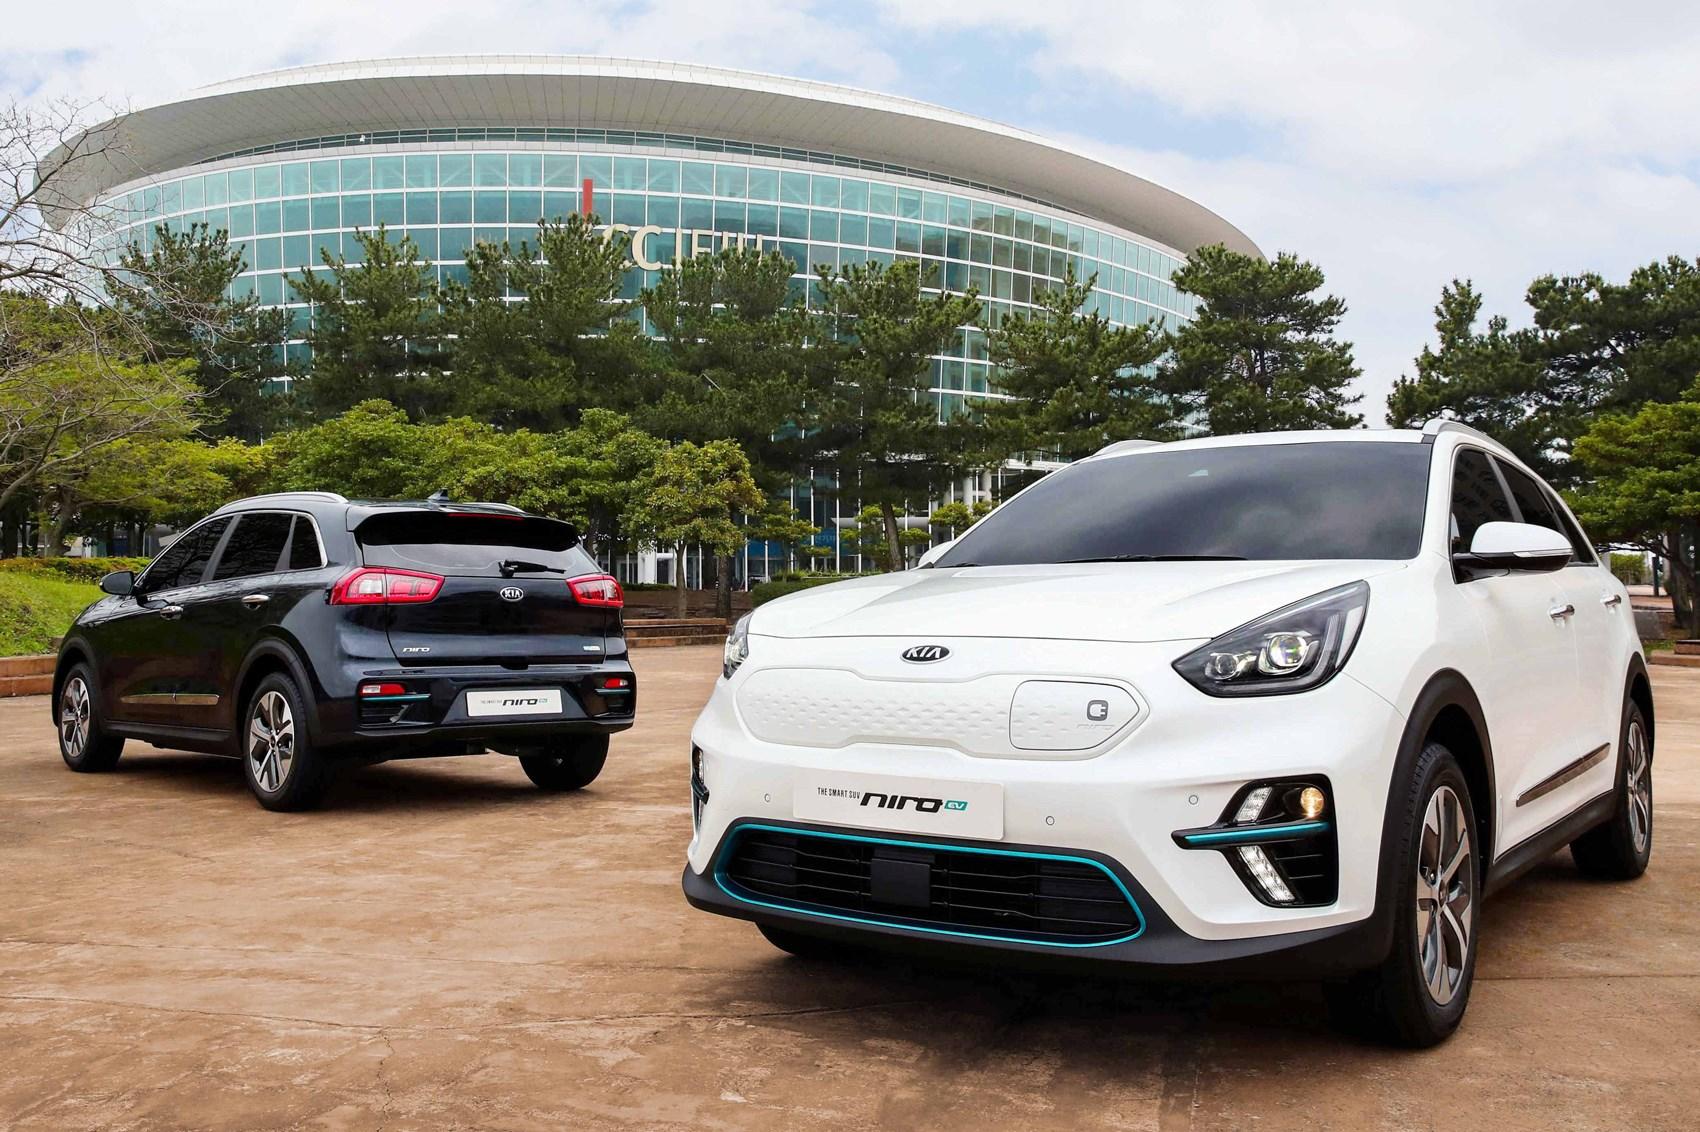 december bangkok photo expo electric car show thailand kia ev motor of stock editorial soul presented image